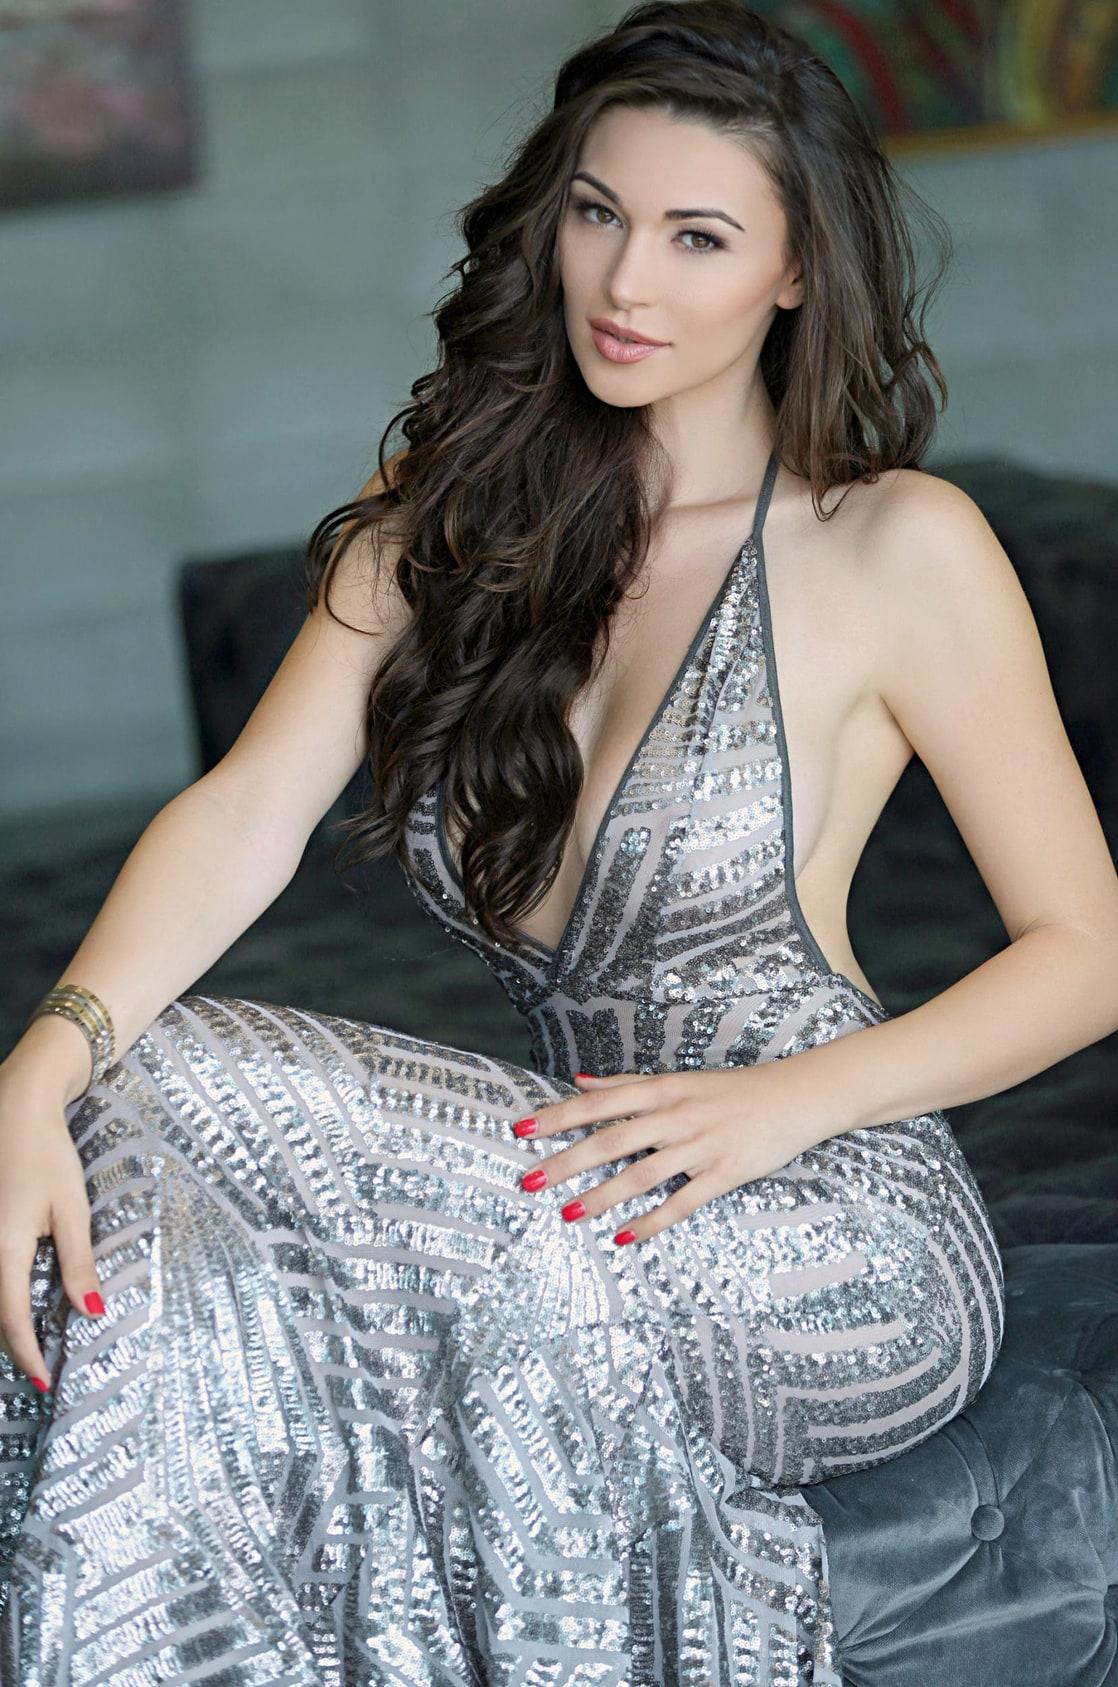 Picture of Jenna Jenovich